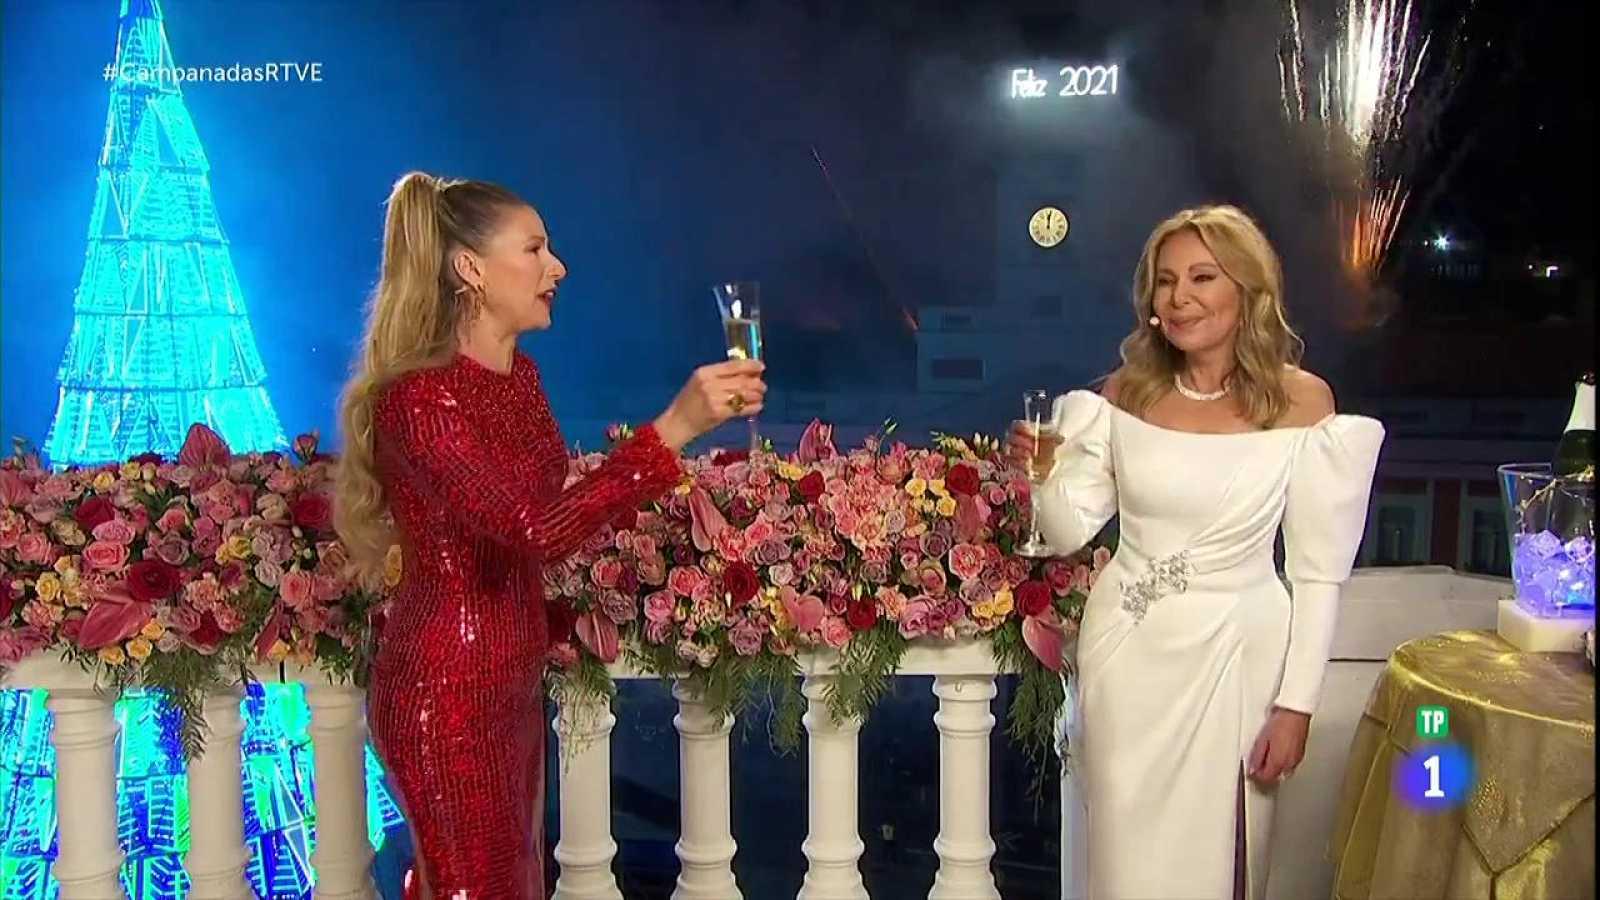 Las 12 campanadas de Fin de Año con Anne y Ana